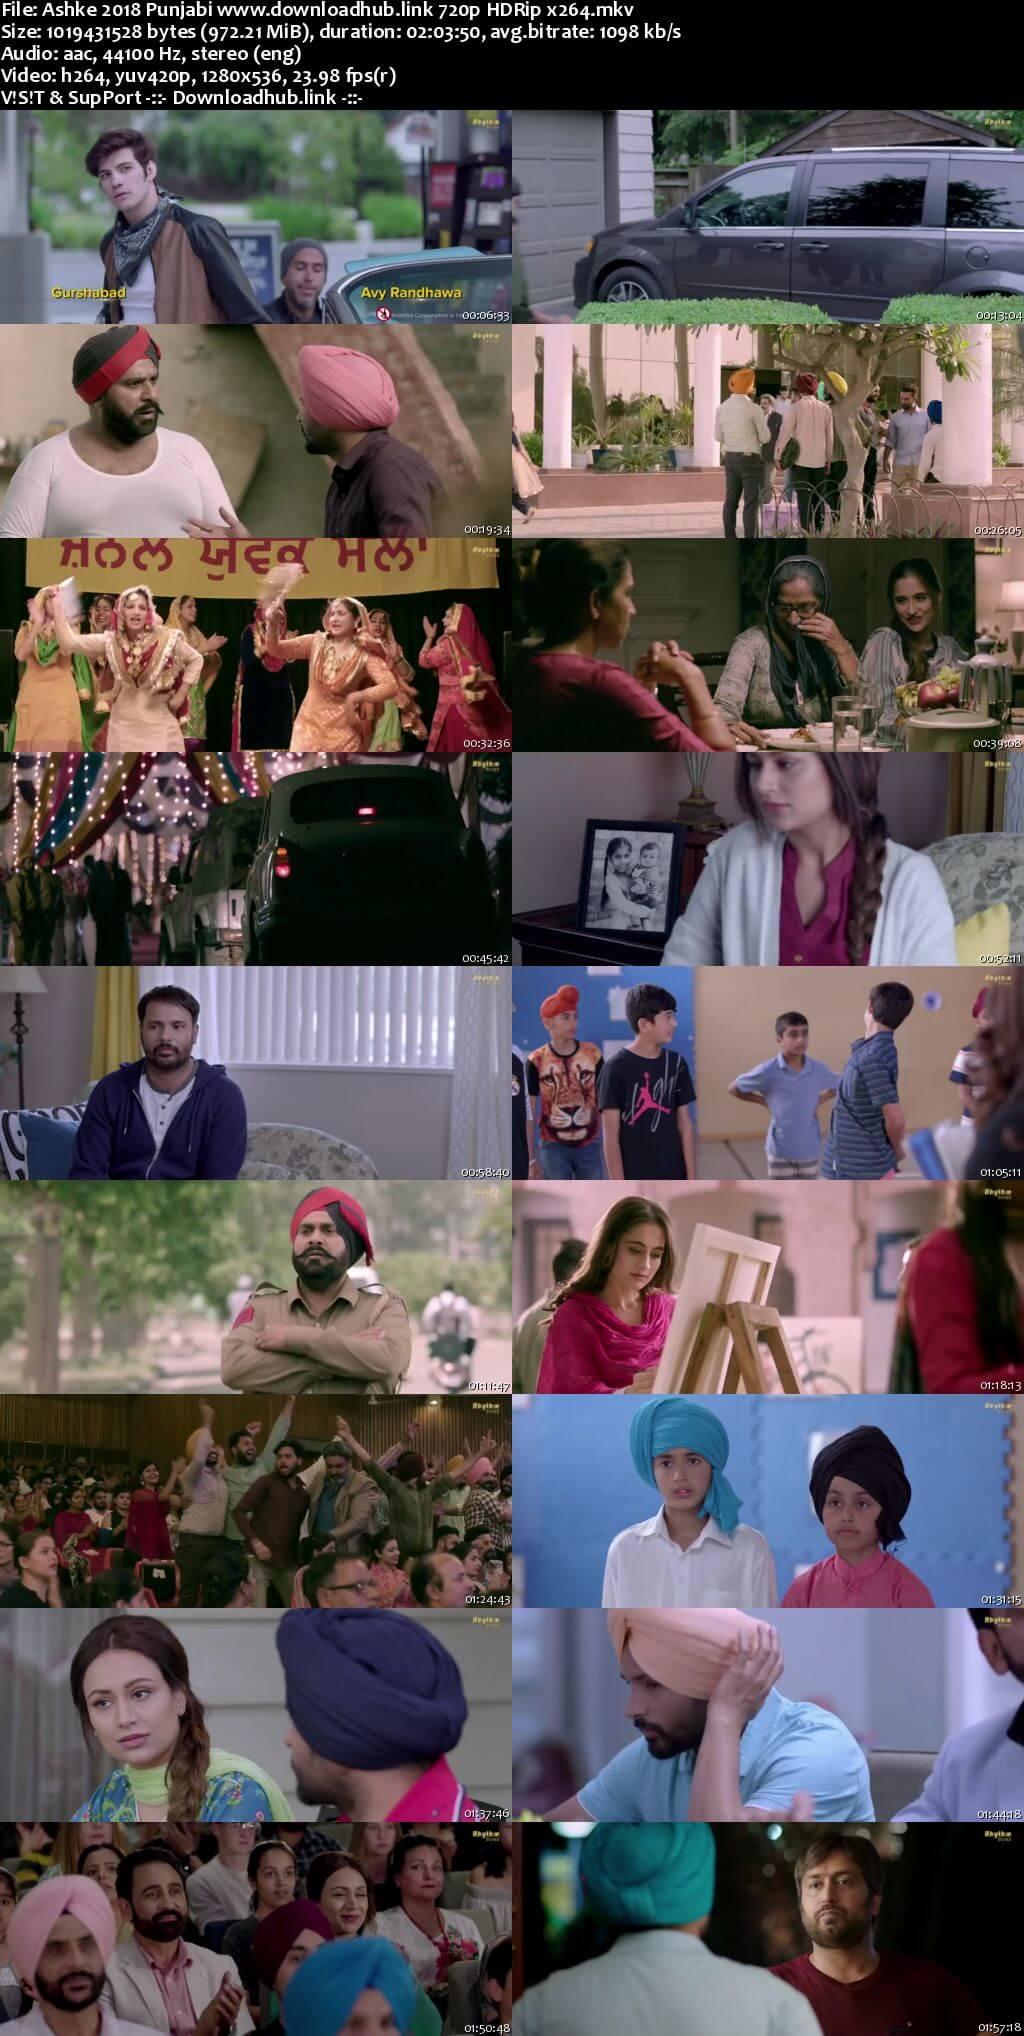 Watch movies online punjabi ashke